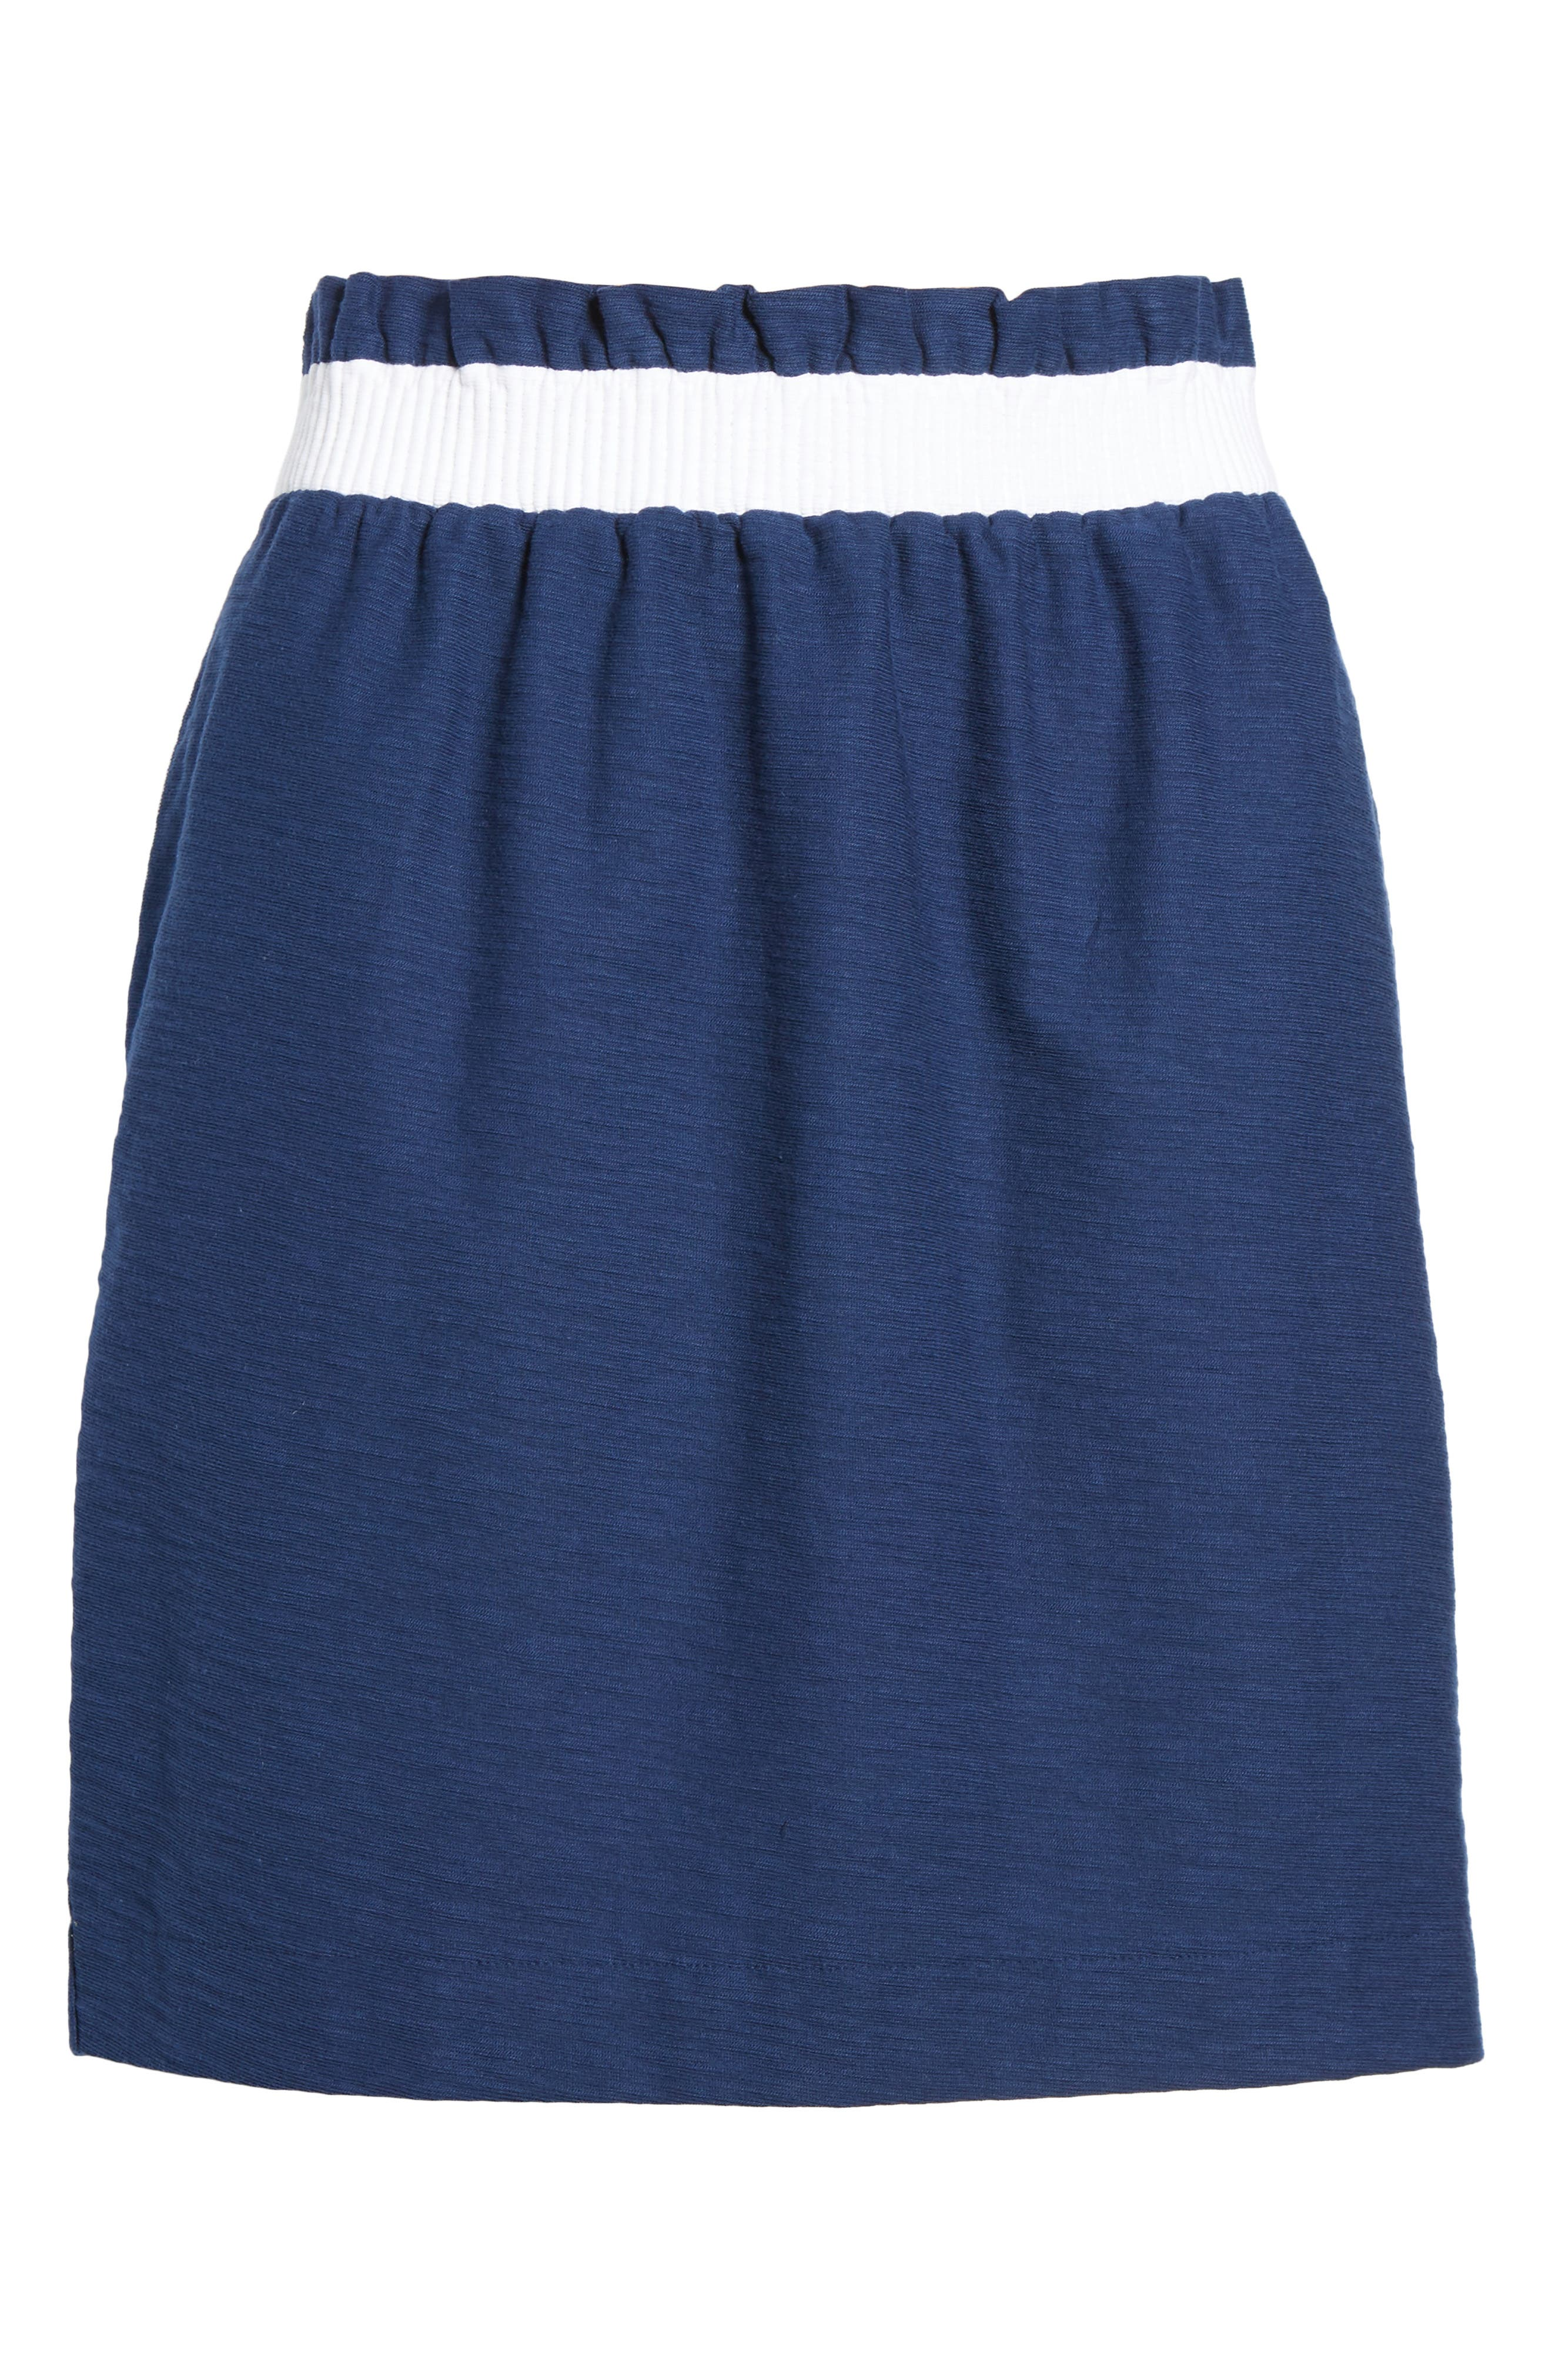 Waistband Stripe Pull On Skirt,                             Alternate thumbnail 6, color,                             476